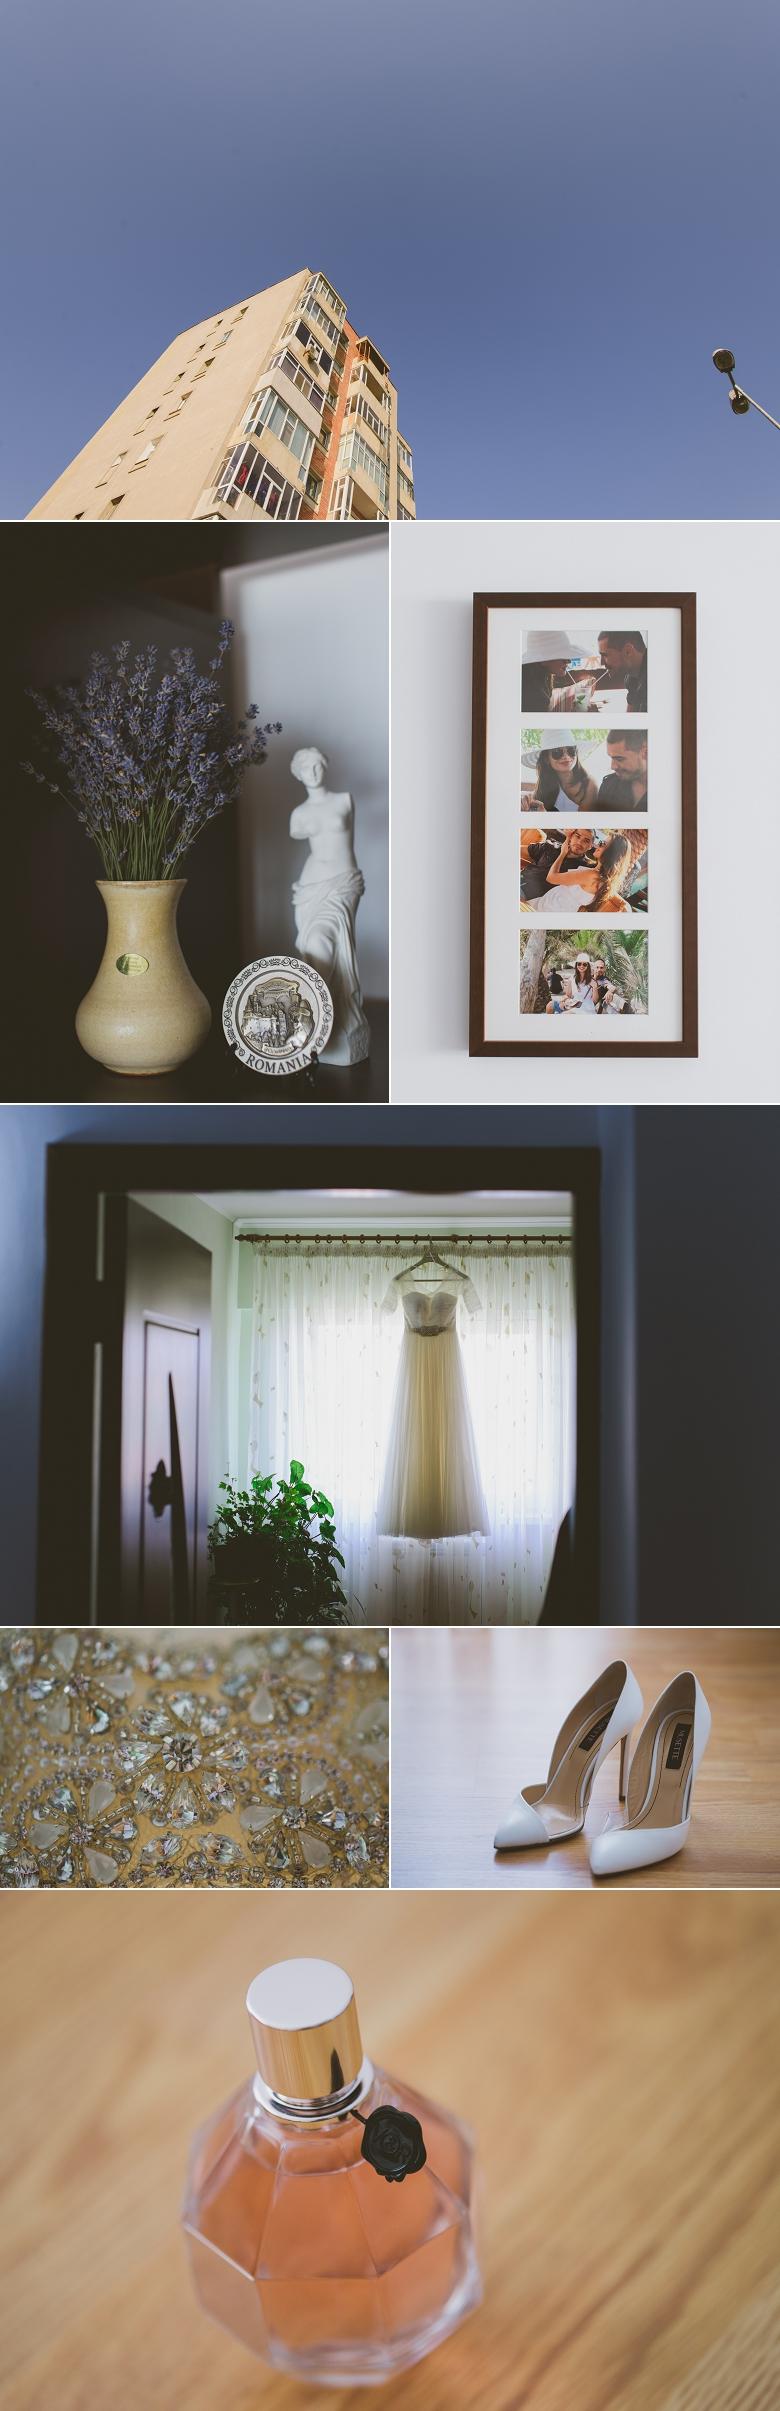 fotgraf_nunta_tulcea_foto_video_nunta_tulcea_poze_filmare_dslr_tulcea_fotograf_profesionist_tulcea 12